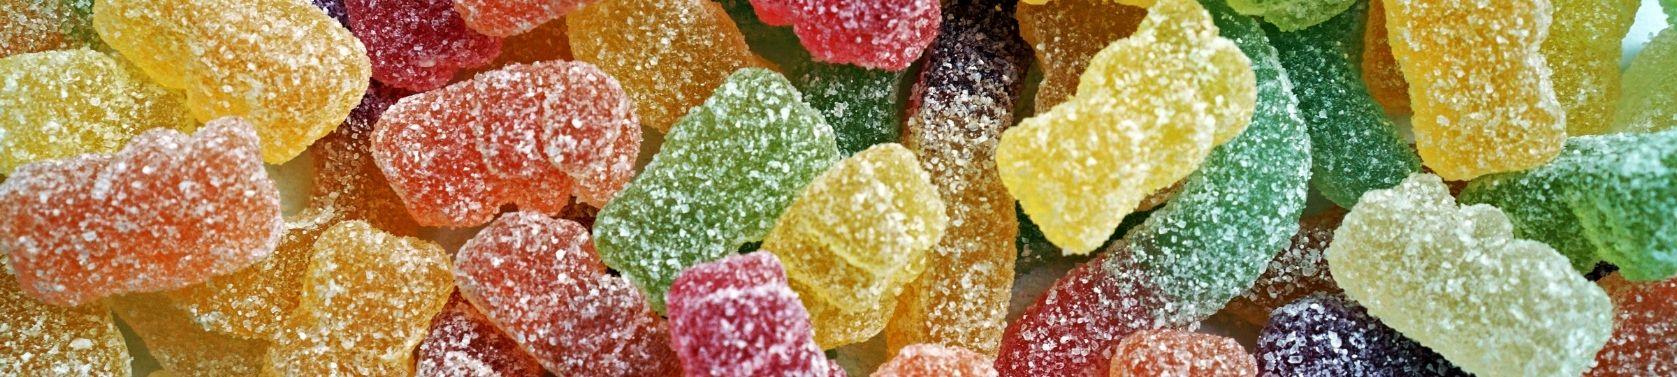 Zucker - Der Leistungskiller für deine mentale Performance